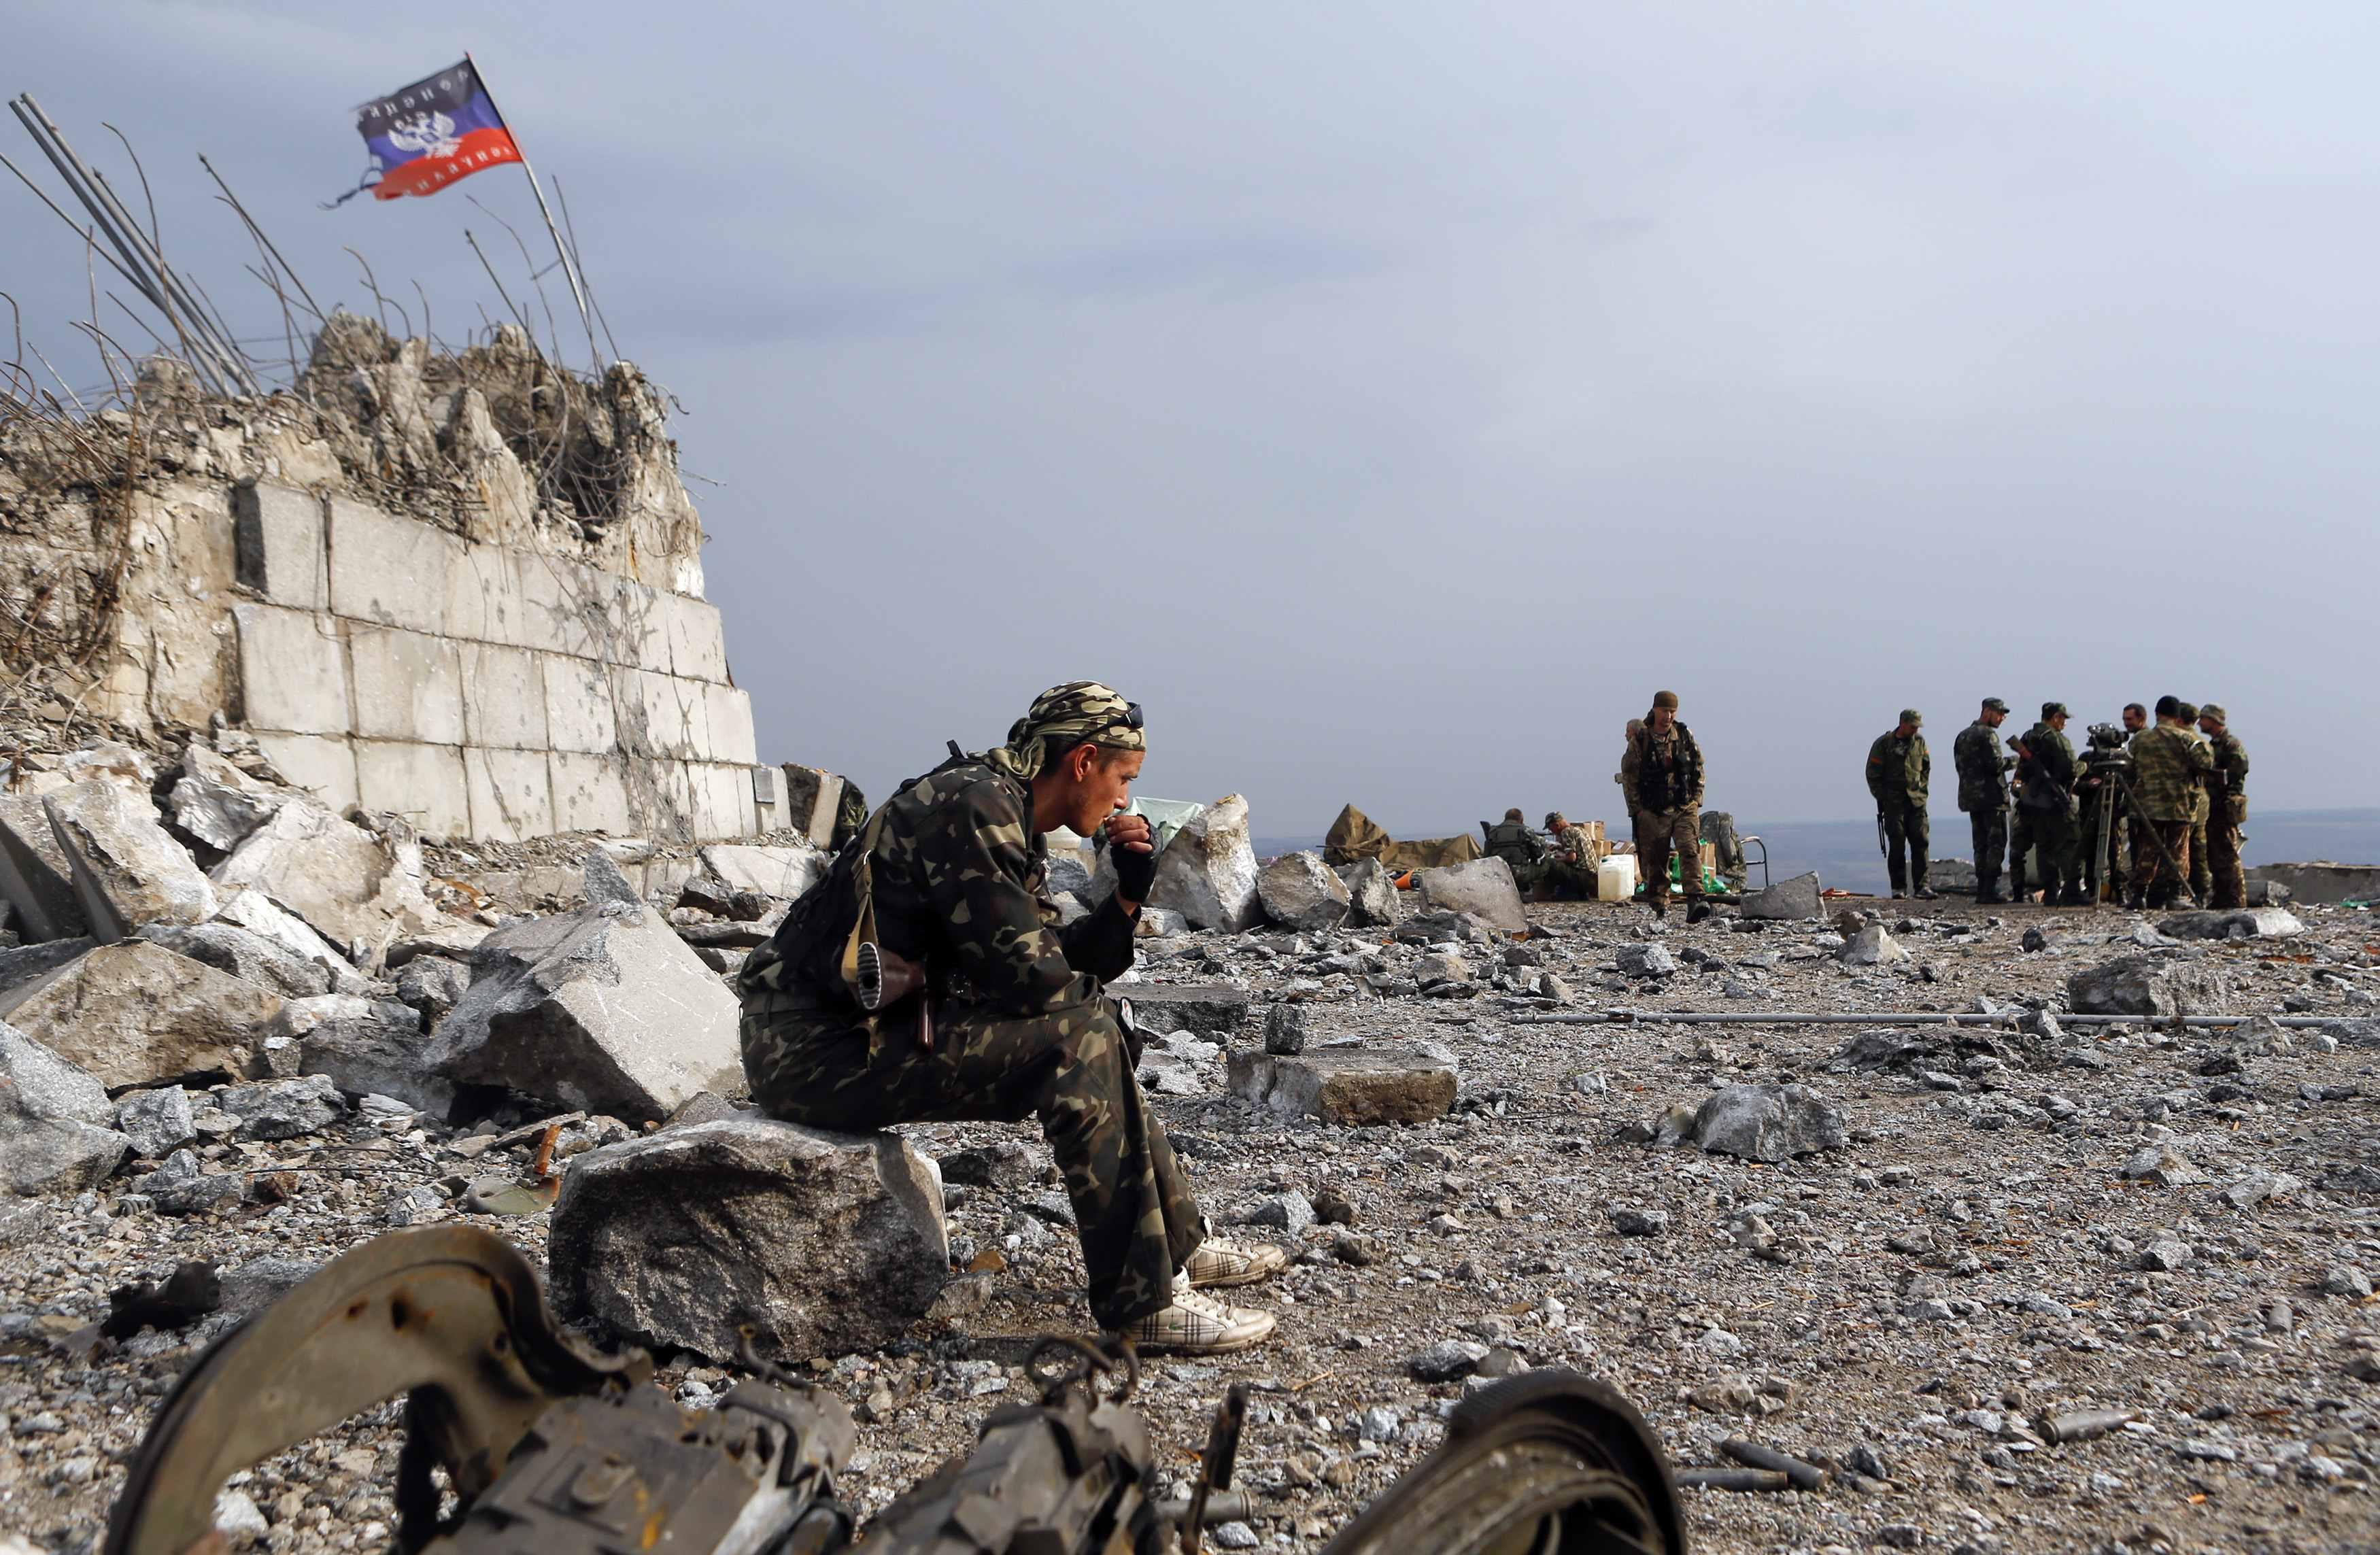 Офицер ВСУ сообщил, что на Донбассе уничтожен вражеский зенитно-ракетный комплекс и станция РЭБ